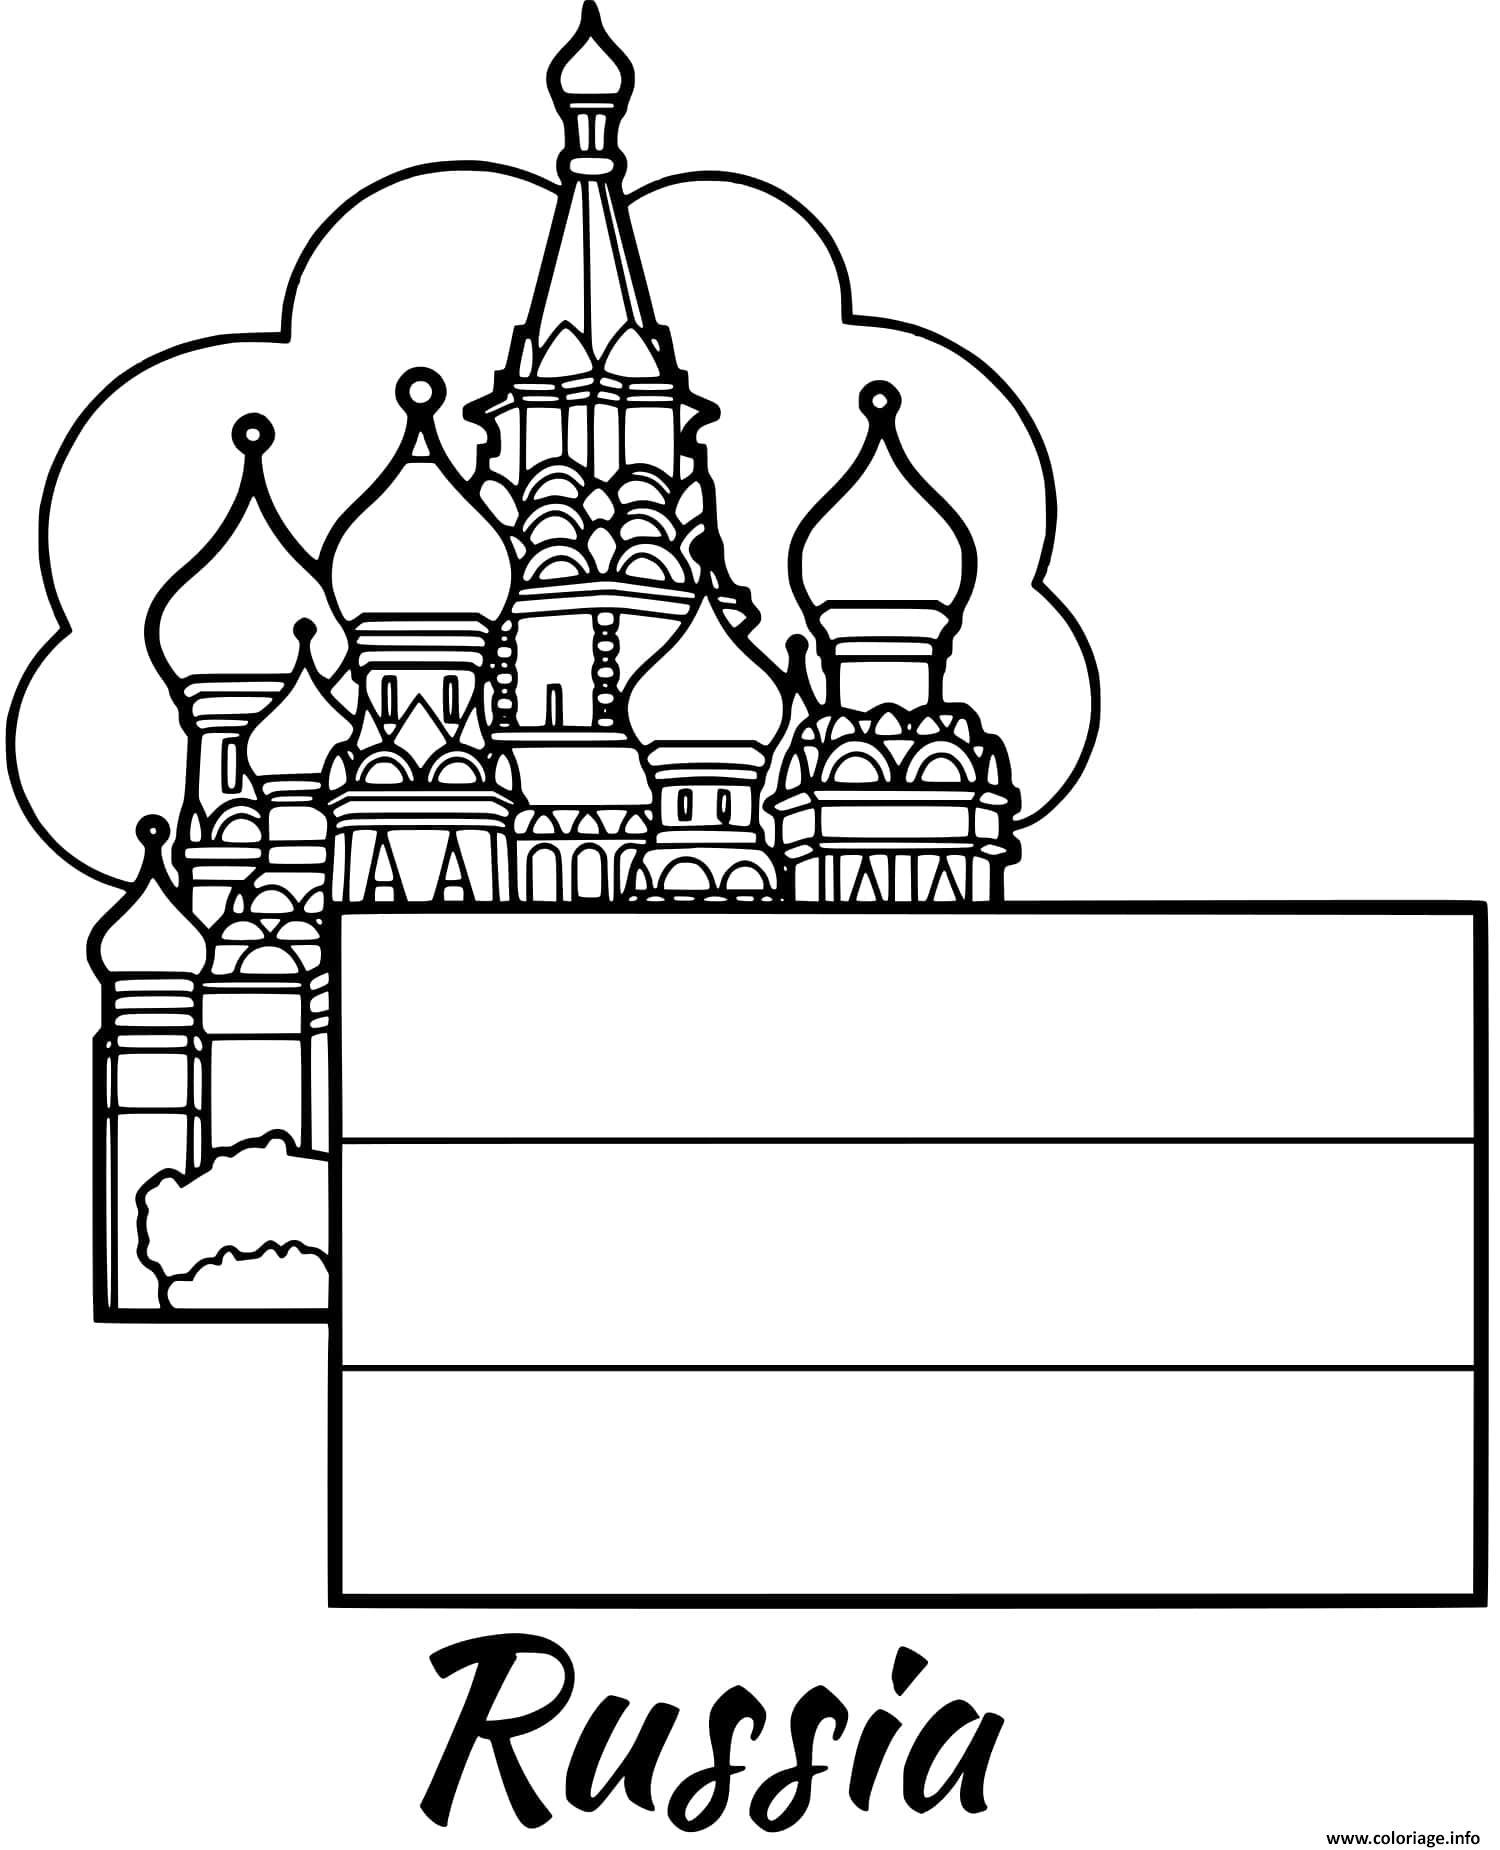 Dessin russie drapeau moscow Coloriage Gratuit à Imprimer